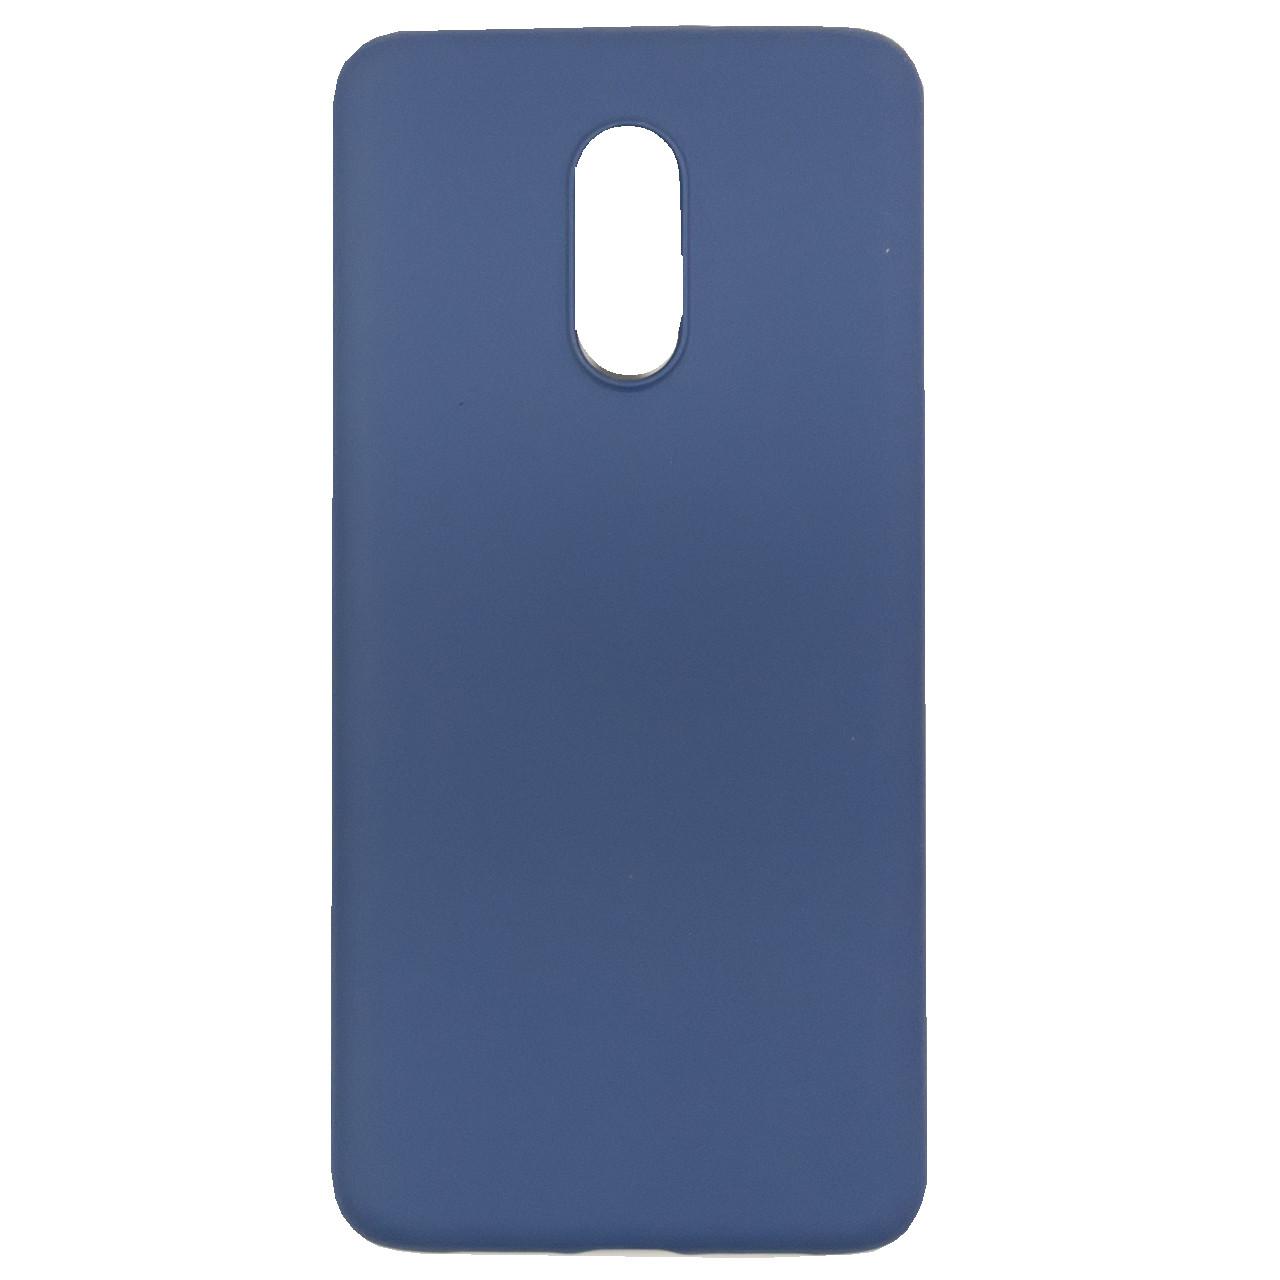 ☄Силиконовый чехол C-KU SS01 для смартфона OnePlus 7 Blue надежная защита от повреждений